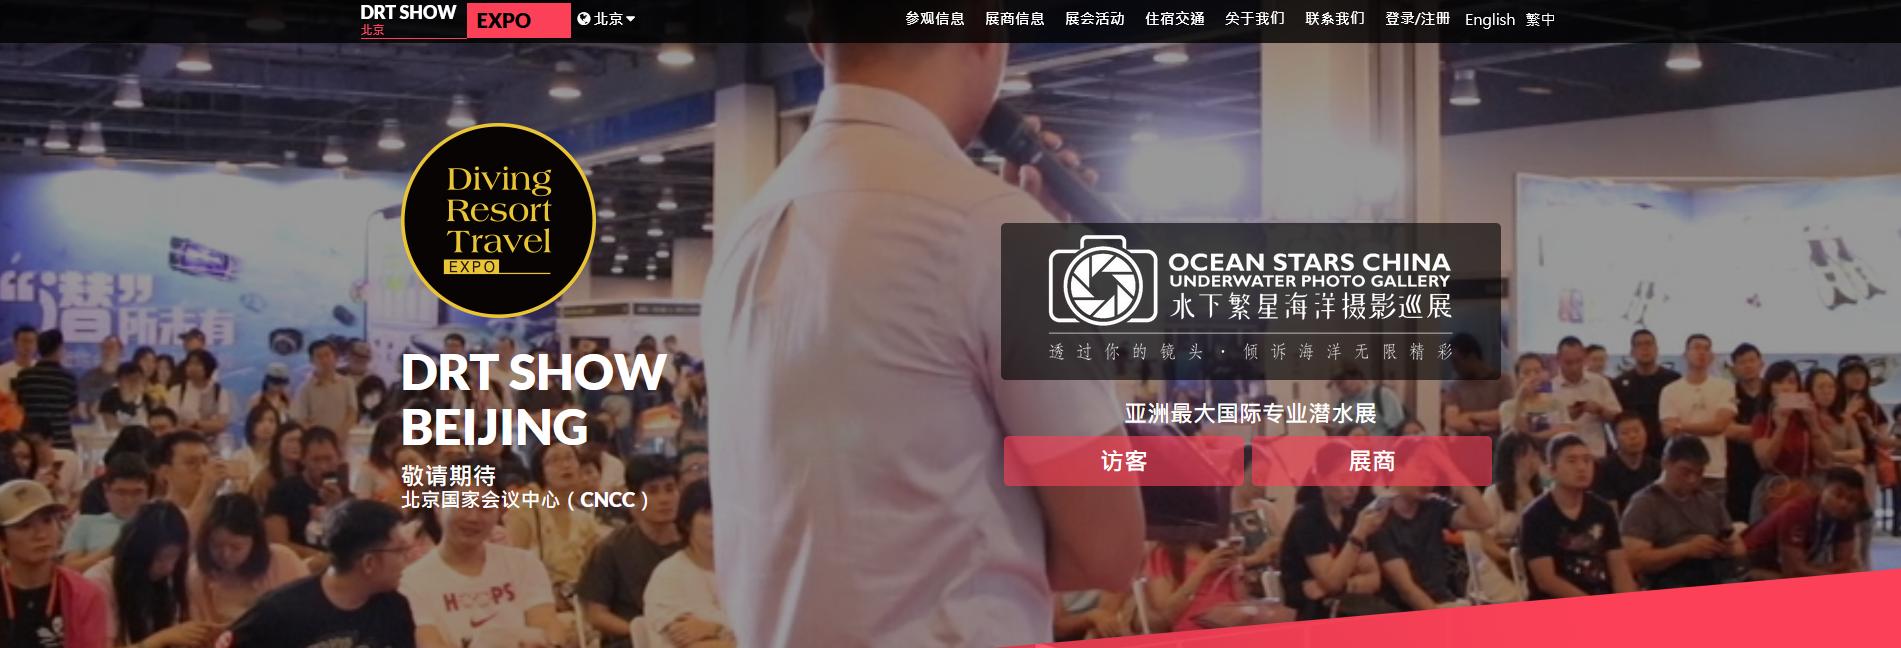 北京国际潜水暨度假观光展